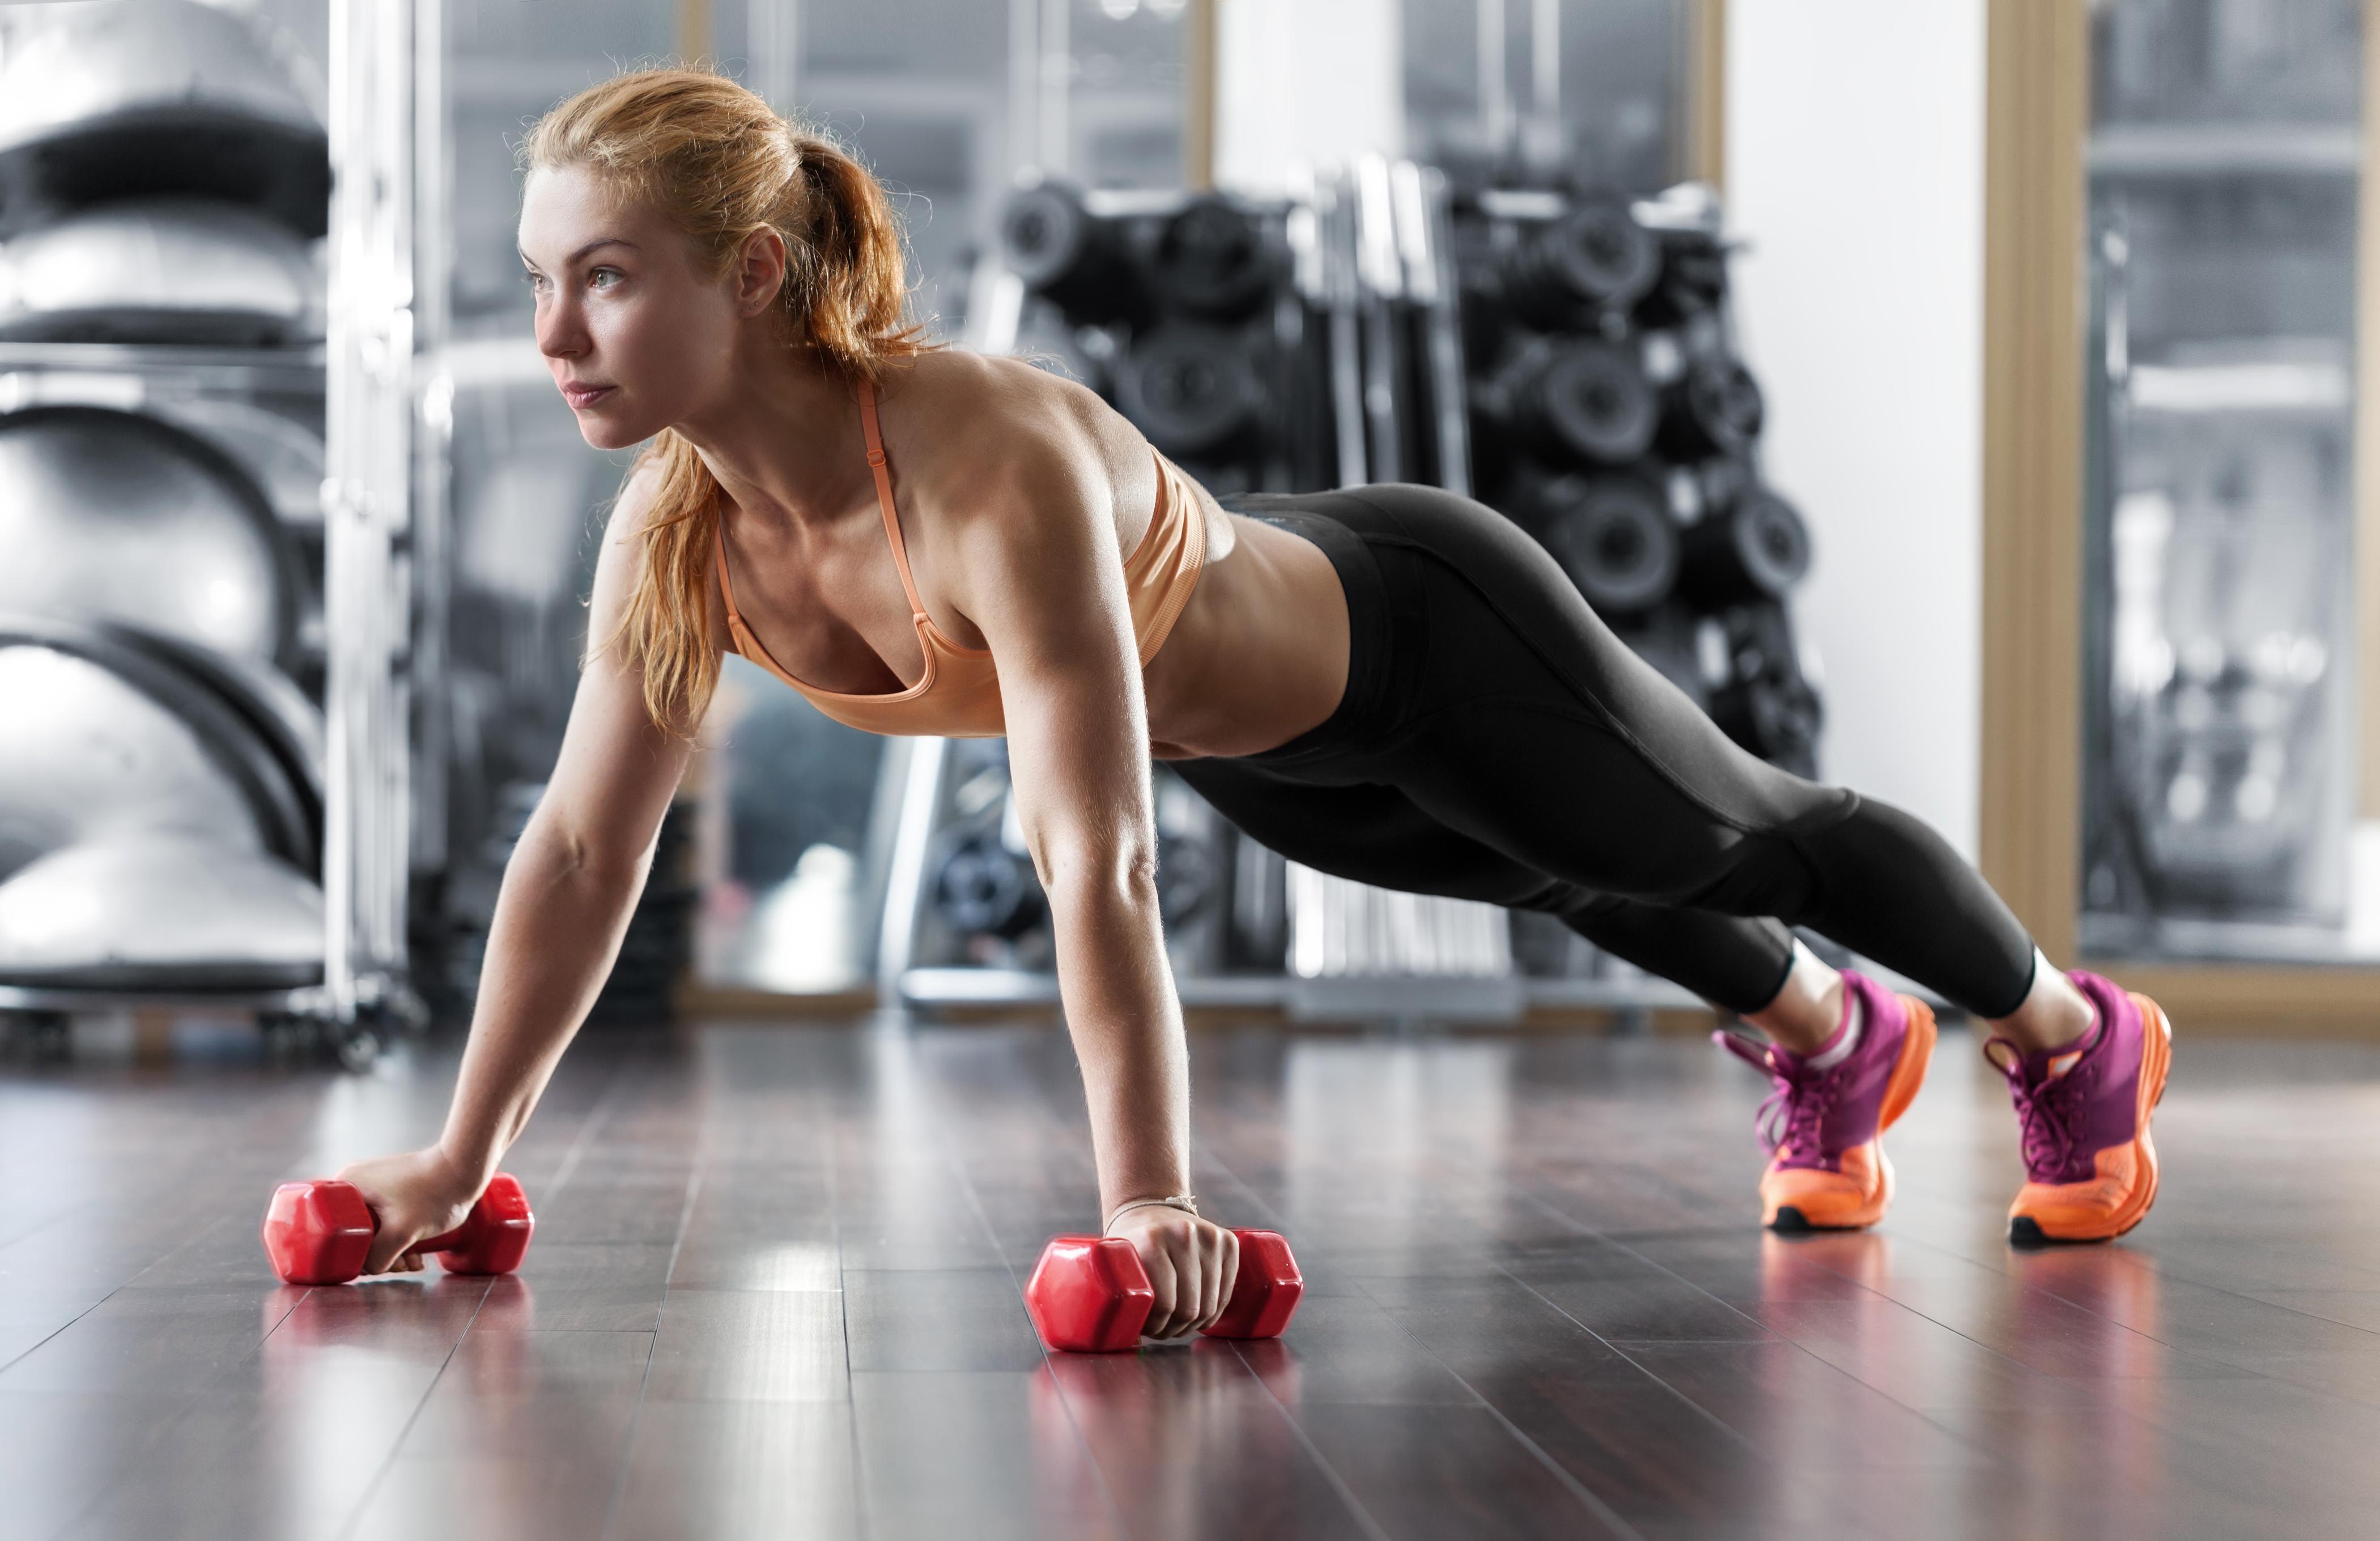 Какой спорт эффективнее для похудения